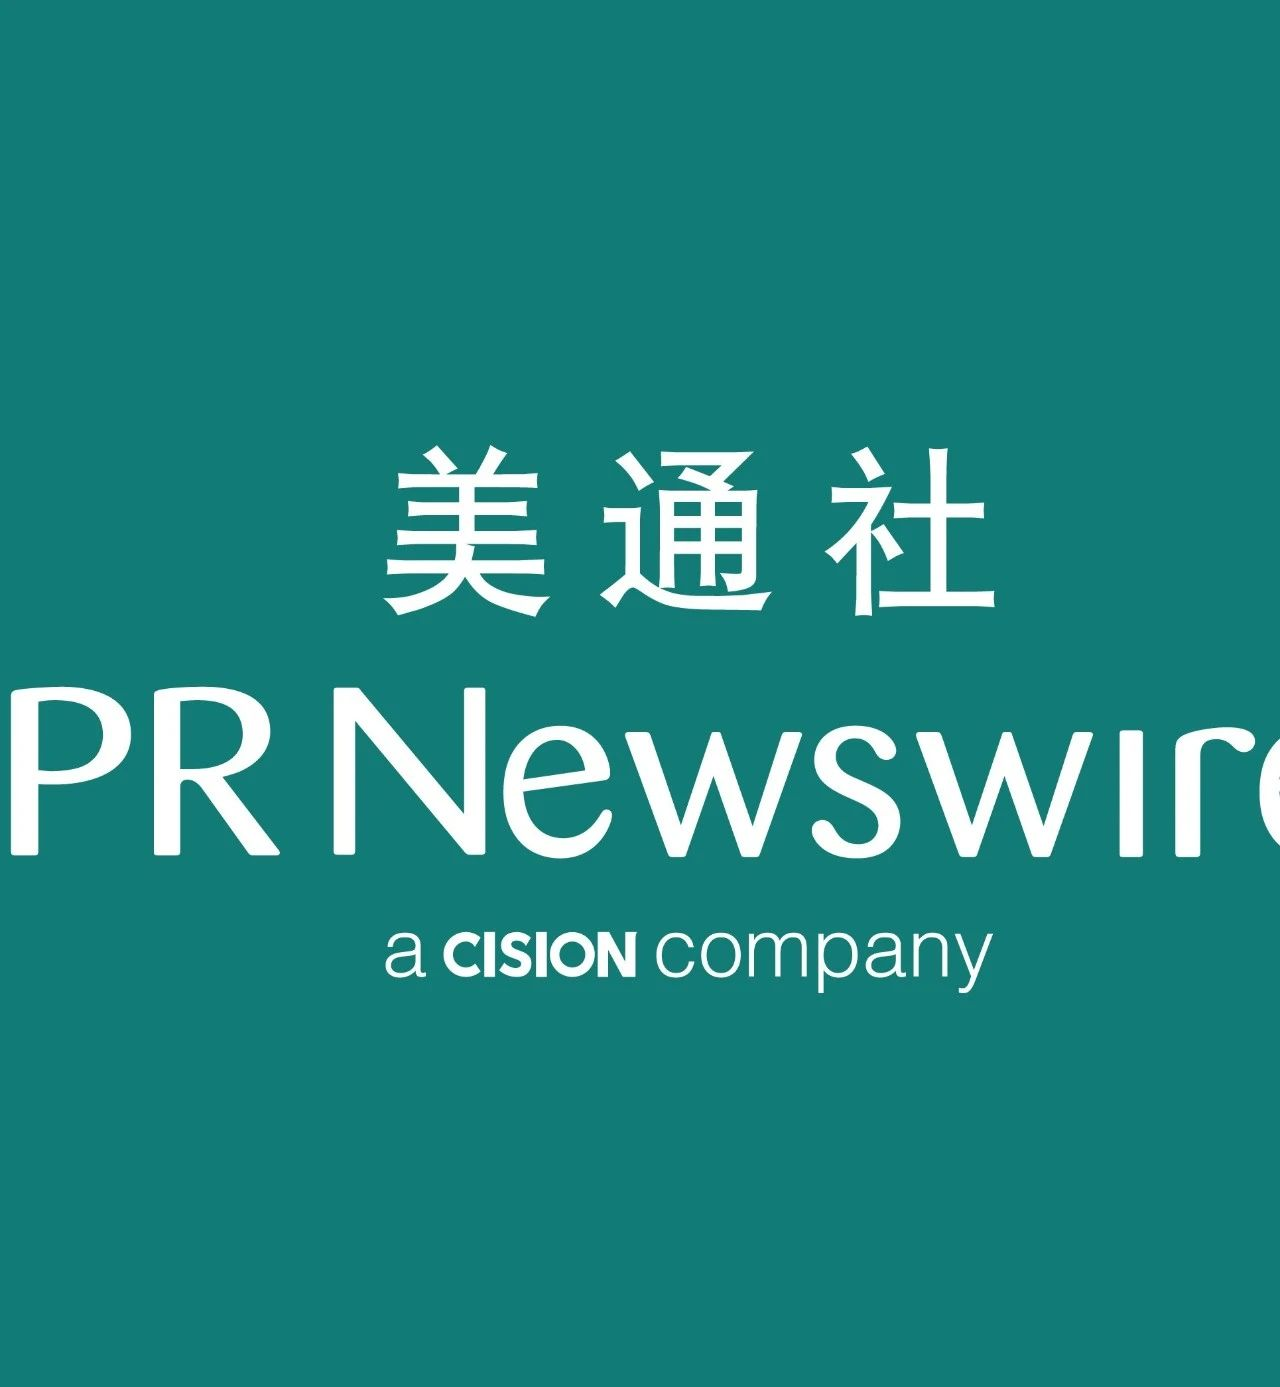 亚德诺半导体收购竞争对手美信;凯西与拜耳将在华共同推广宝丽亚和启尔畅 | 美通企业日报